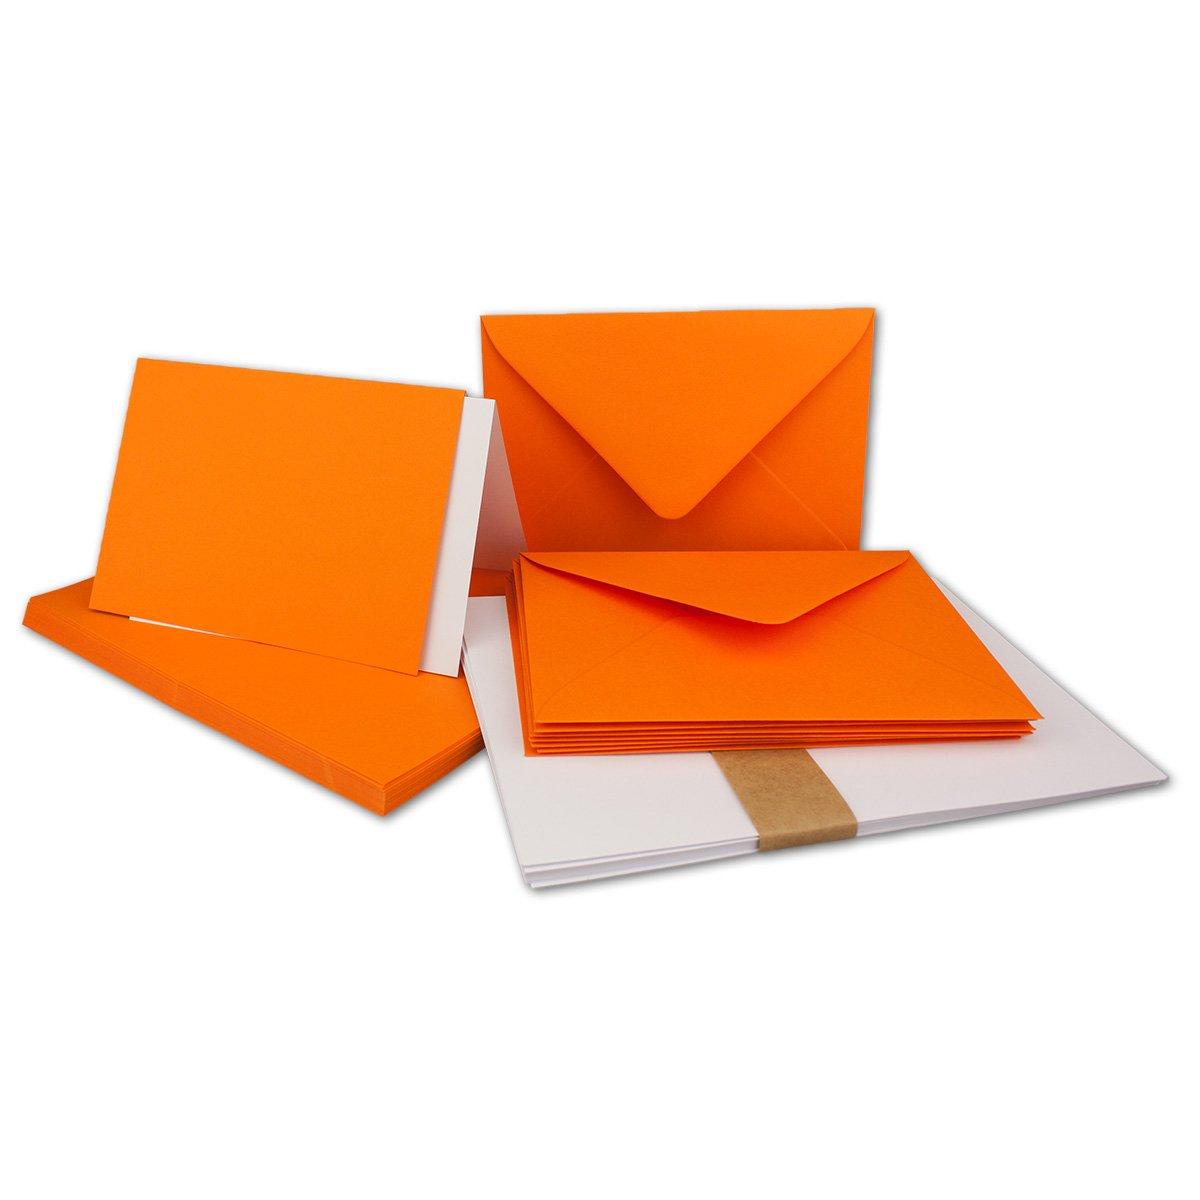 150 Sets Sets Sets - Faltkarten Hellgrau - DIN A5  Umschläge  Einlegeblätter DIN C5 - PREMIUM QUALITÄT - sehr formstabil - Qualitätsmarke  NEUSER FarbenFroh B07C2XKWNP | Online  9b0957